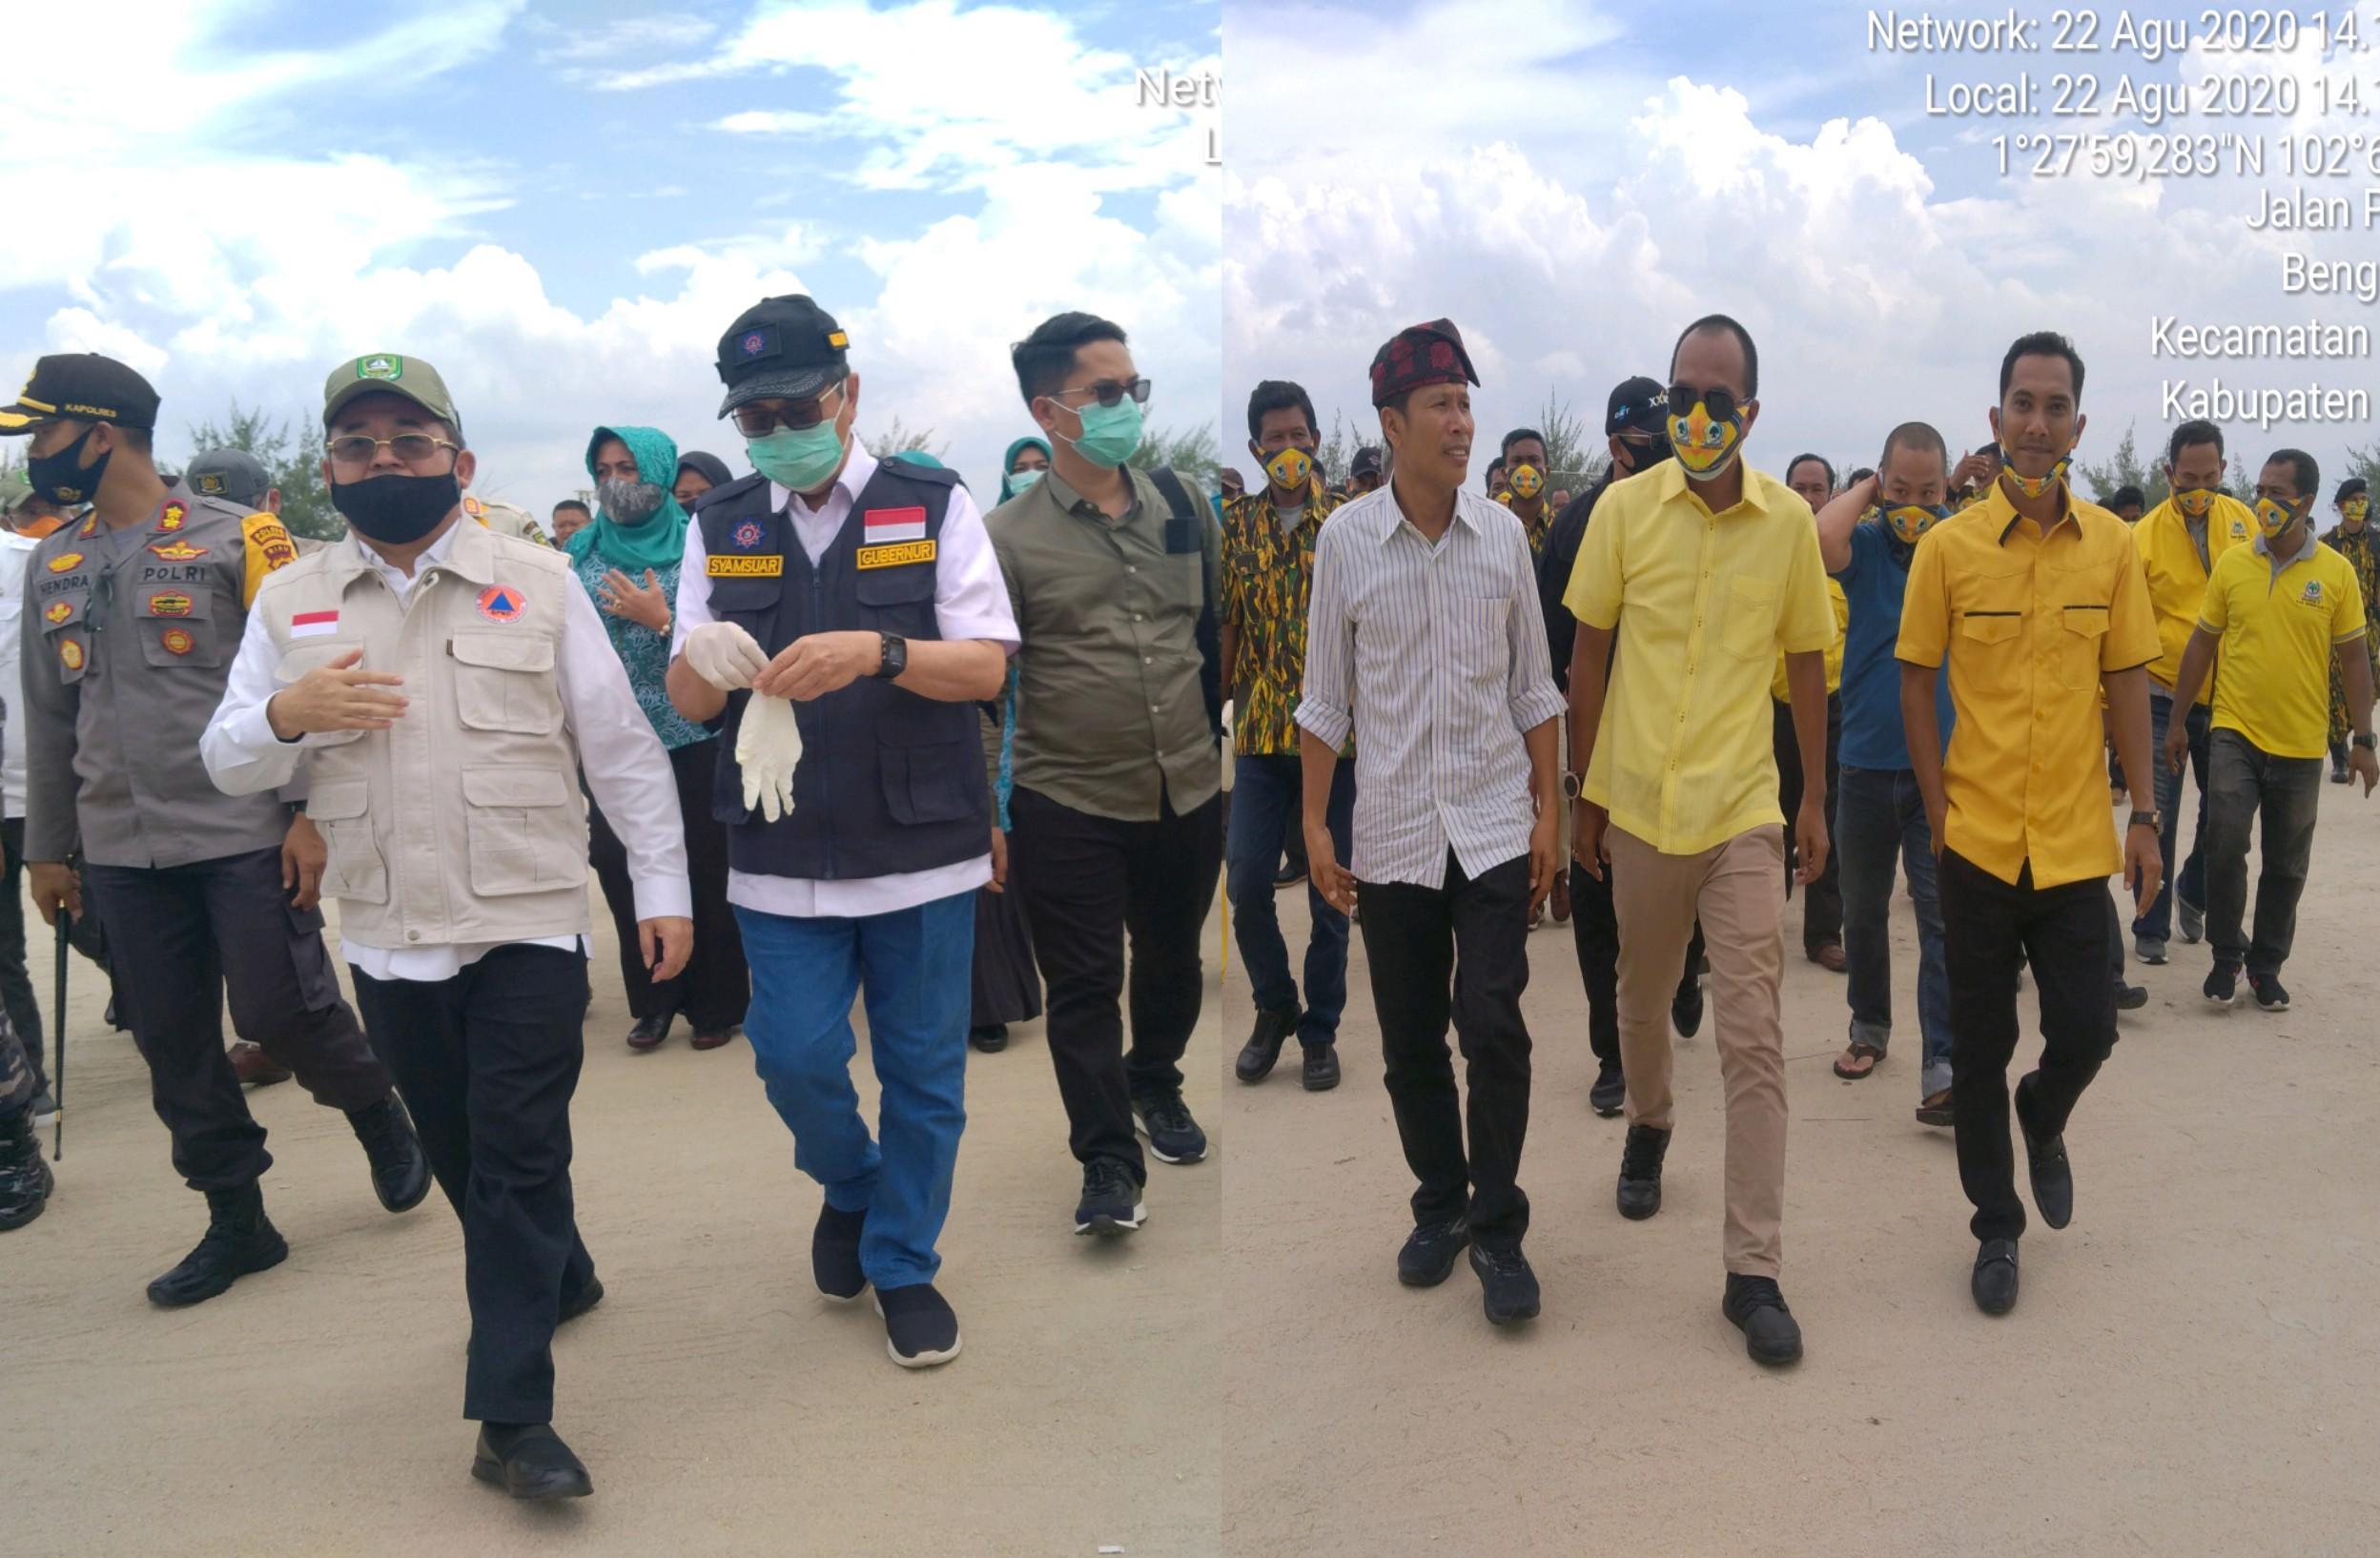 Ketua DPD I Golkar Riau Bakal Buka Musda  Golkar Bengkalis Malam Ini